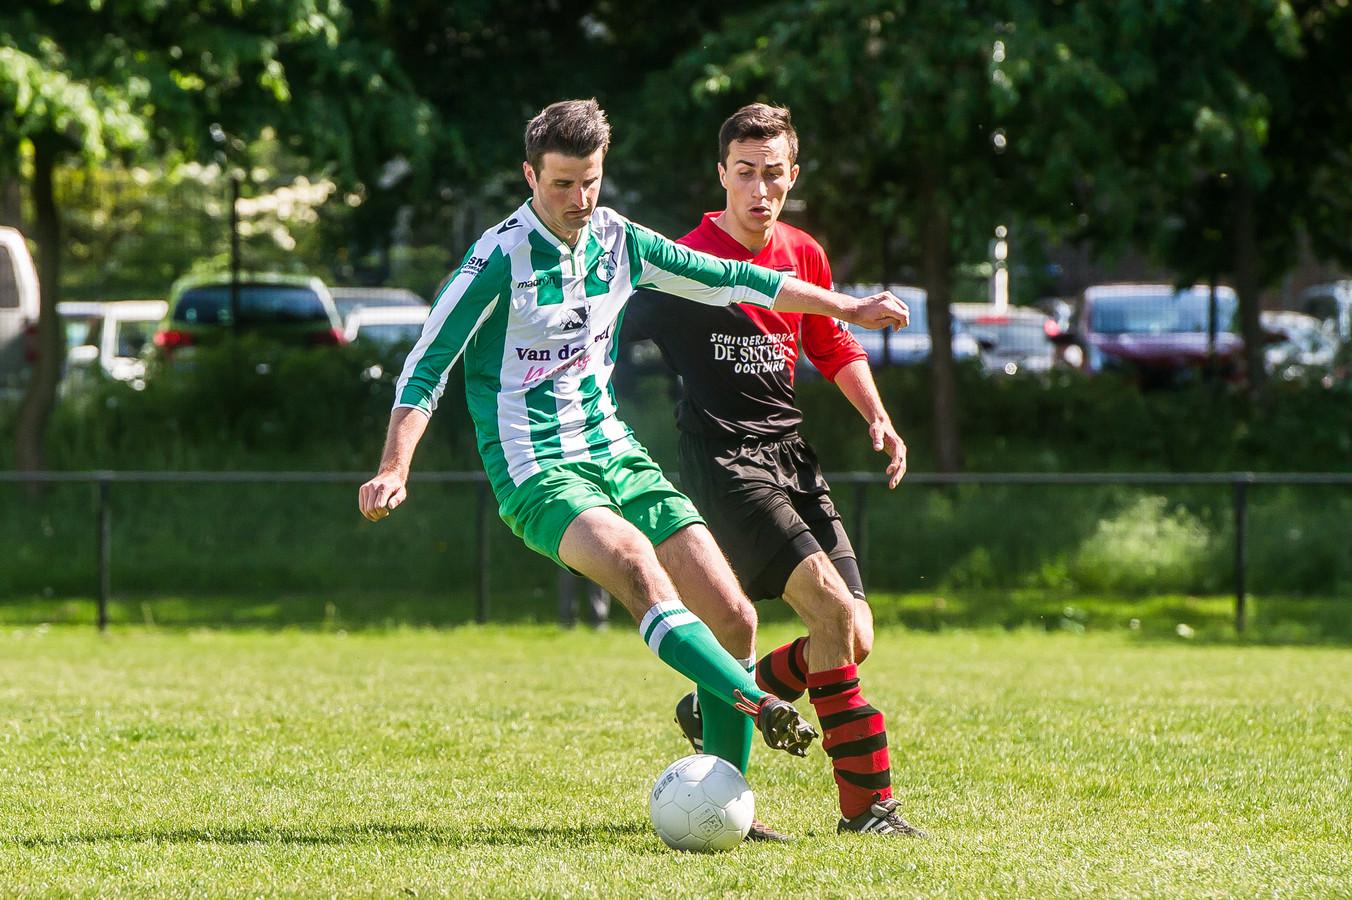 ODIO, METO en WVV'67 strijden, nu er in de competitie niets meer te halen valt, voor de sportieve eer. ODIO mag zich voorlopig de beste van de gemeente Woensdrecht noemen, maar wordt op de voet gevolgd door METO en WVV'67.